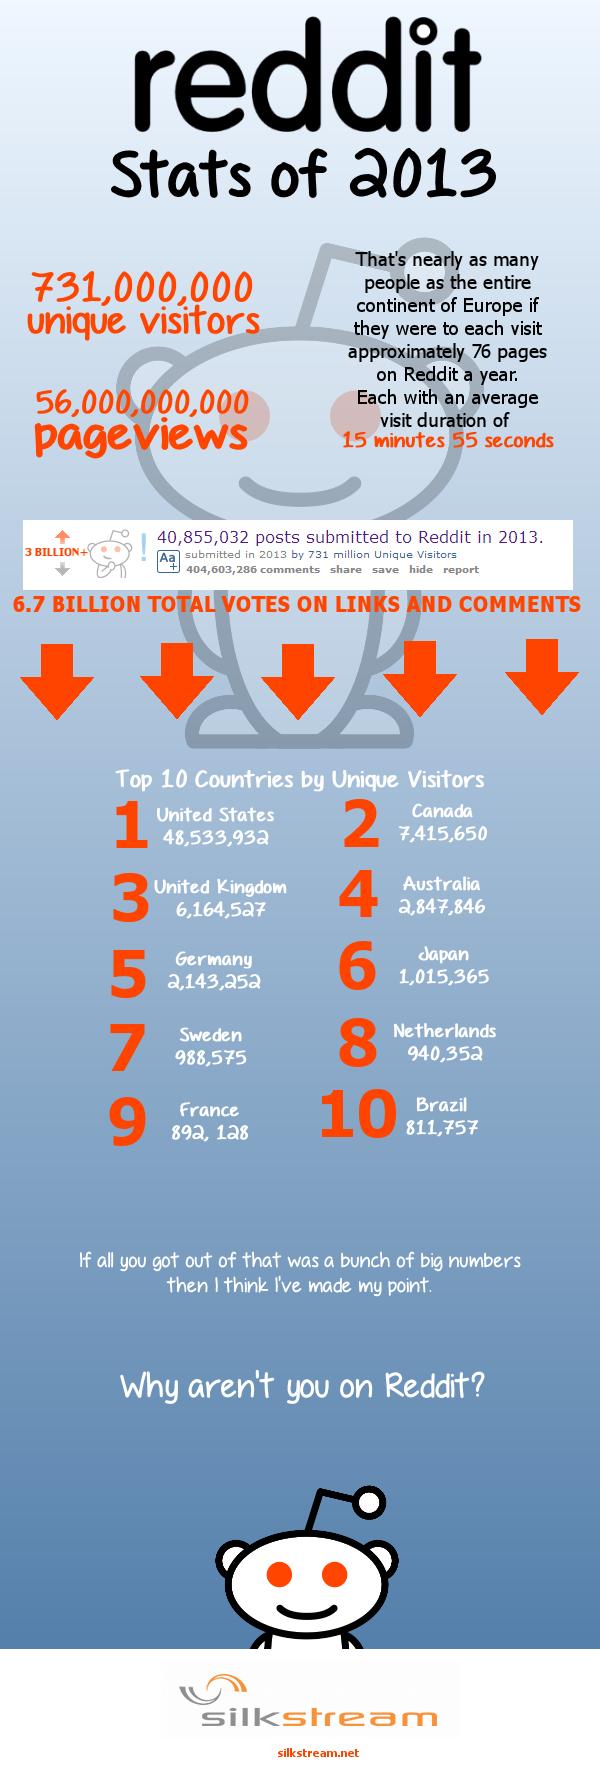 Reddit Statistics 2013 Infographic